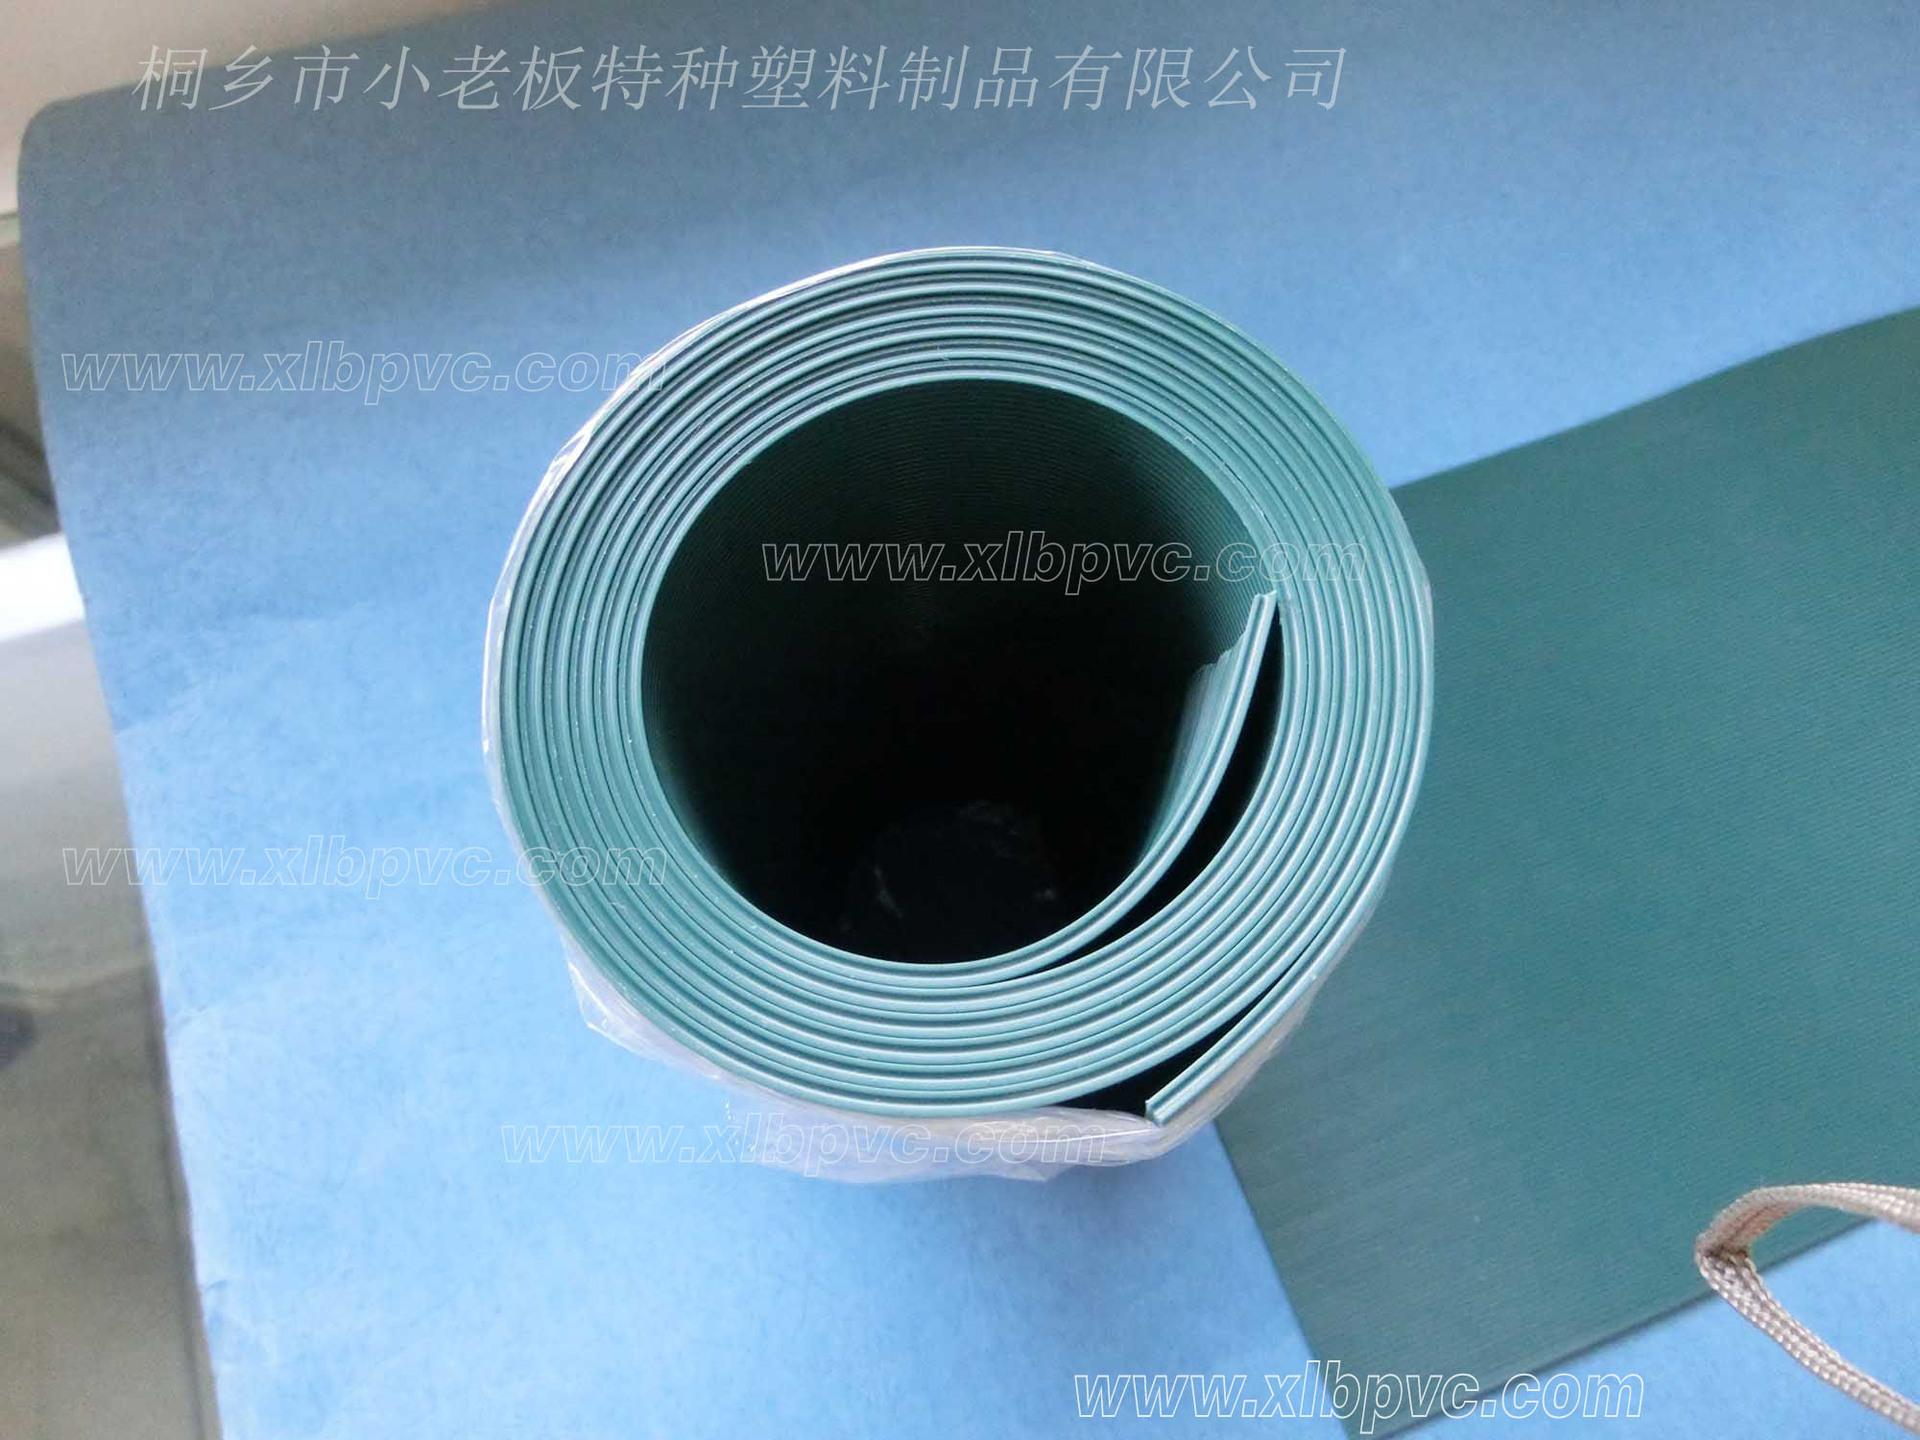 各种塑料型材定做\排水带\异型材生产厂家、虹吸力毛细排水带